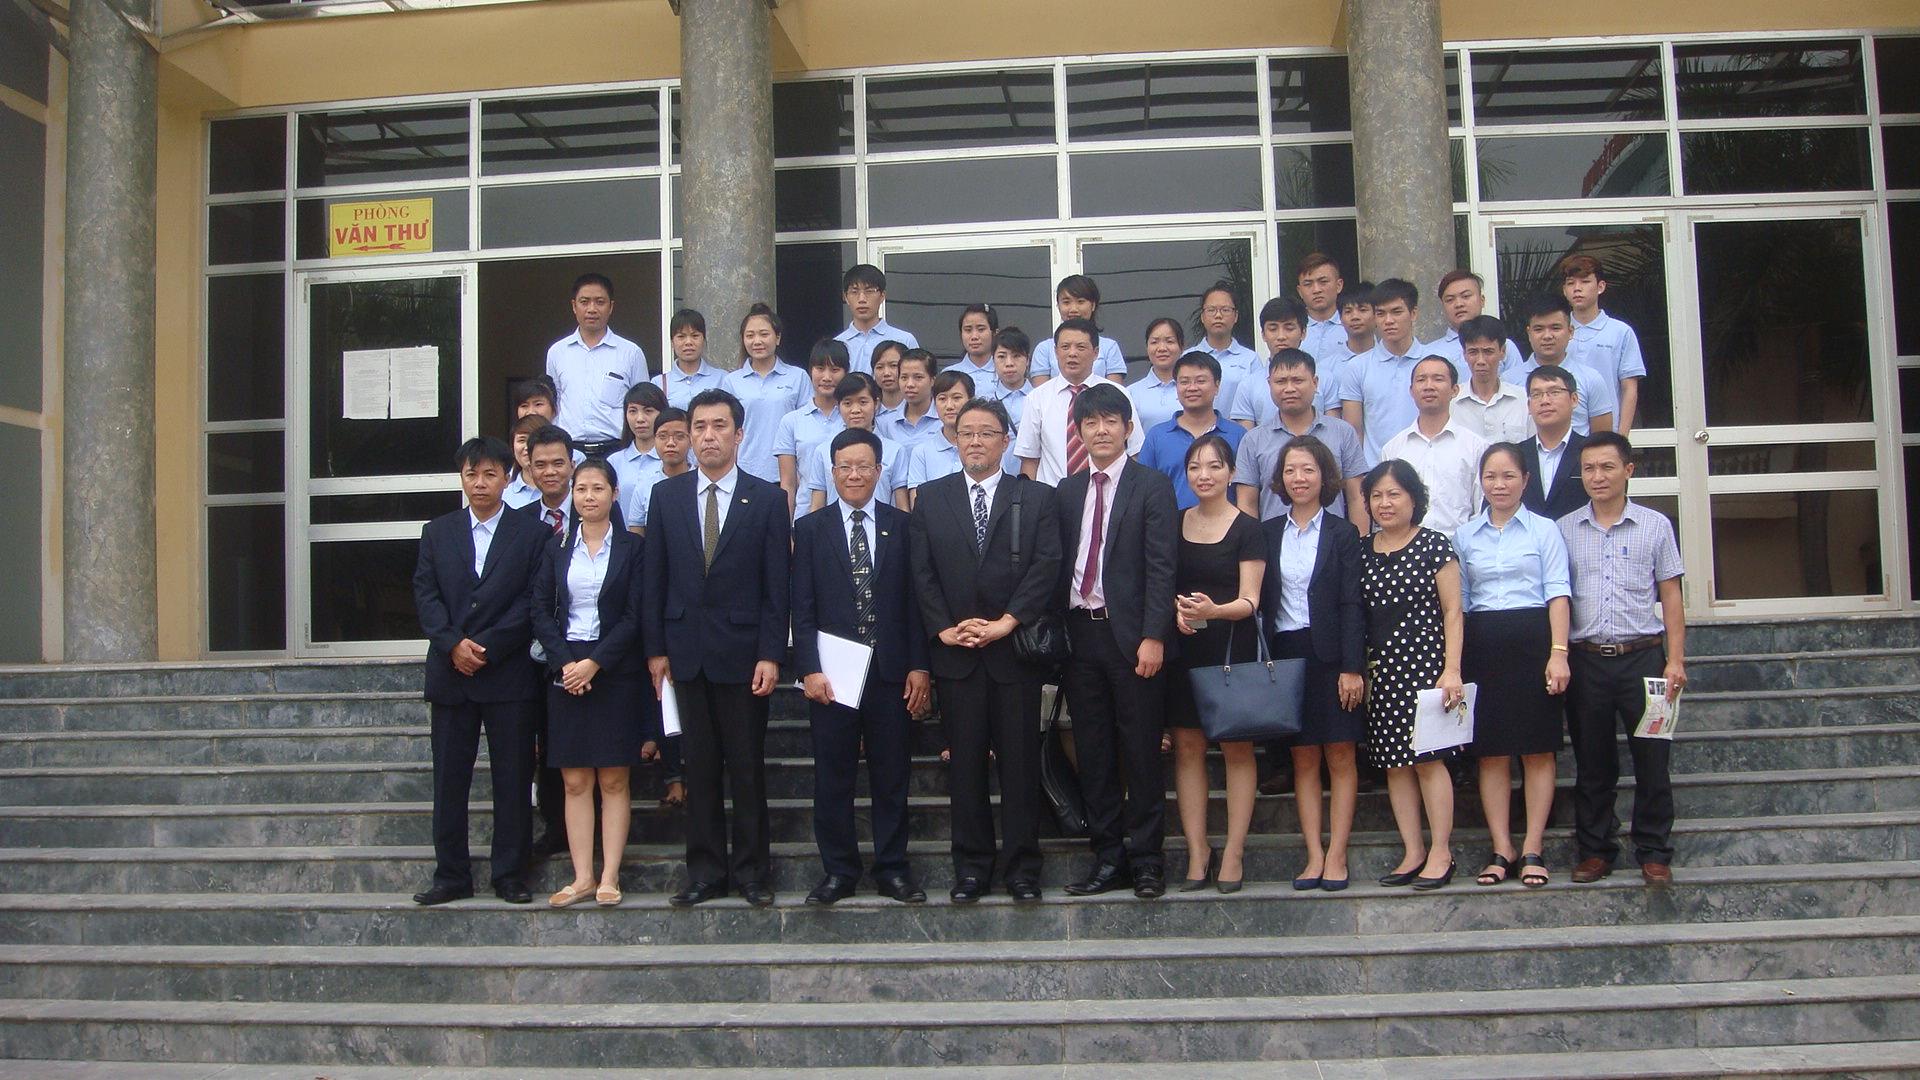 Lễ khai giảng khóa 1 - Đào tạo tiếng Nhật cho nguồn thực tập sinh của trường cao đẳng y tế Phú Thọ